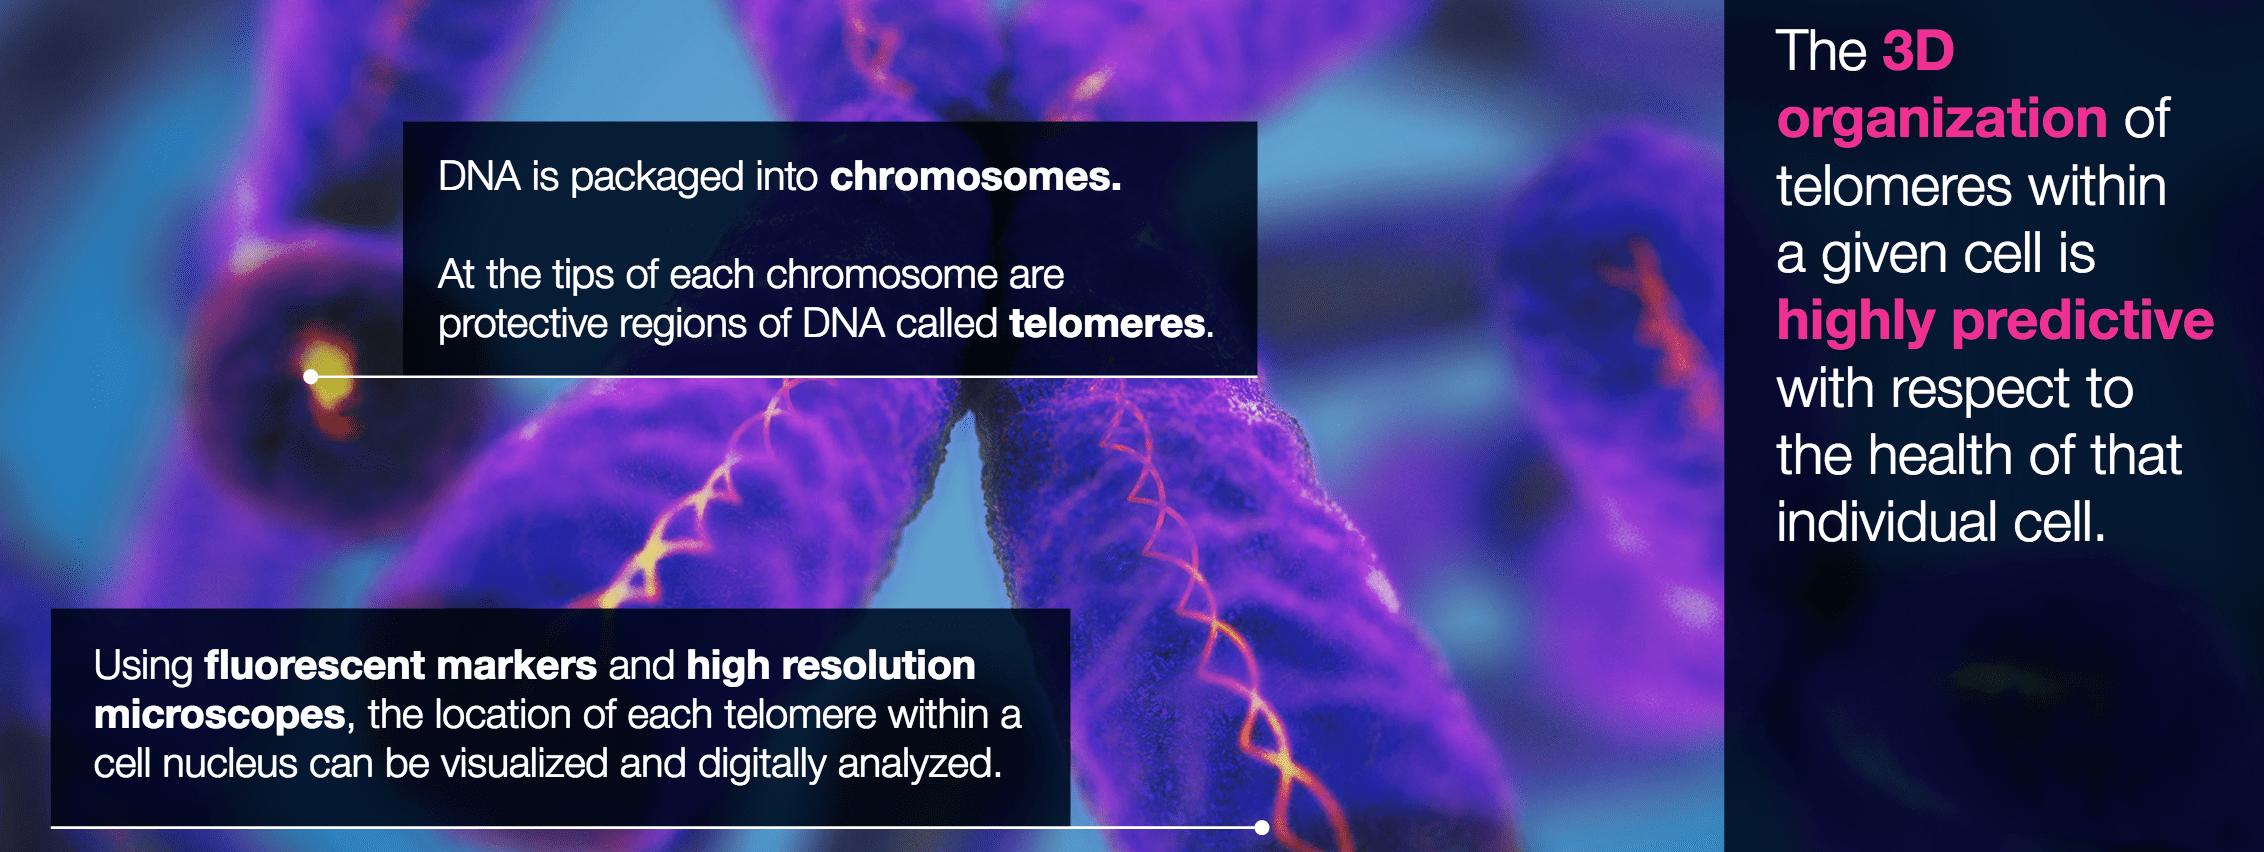 3d-telomeres